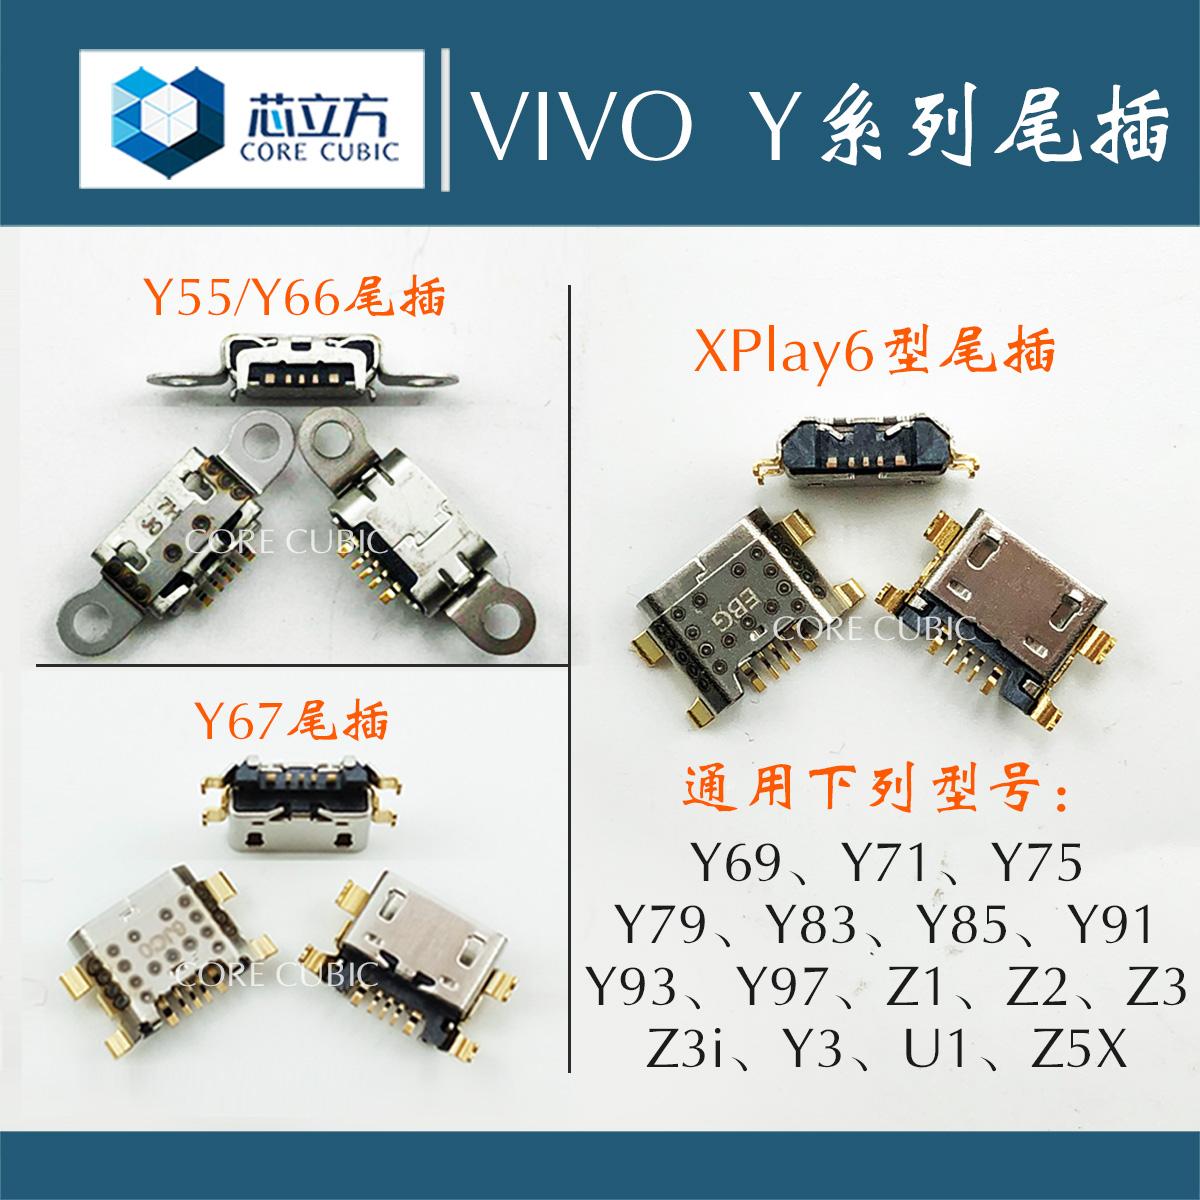 vivo携帯電話y 66 y 67 y 71 y 75 y 83 y 81 y 93 y 97 y 7 S尾挿しY 3/Y 5 Sインターフェース